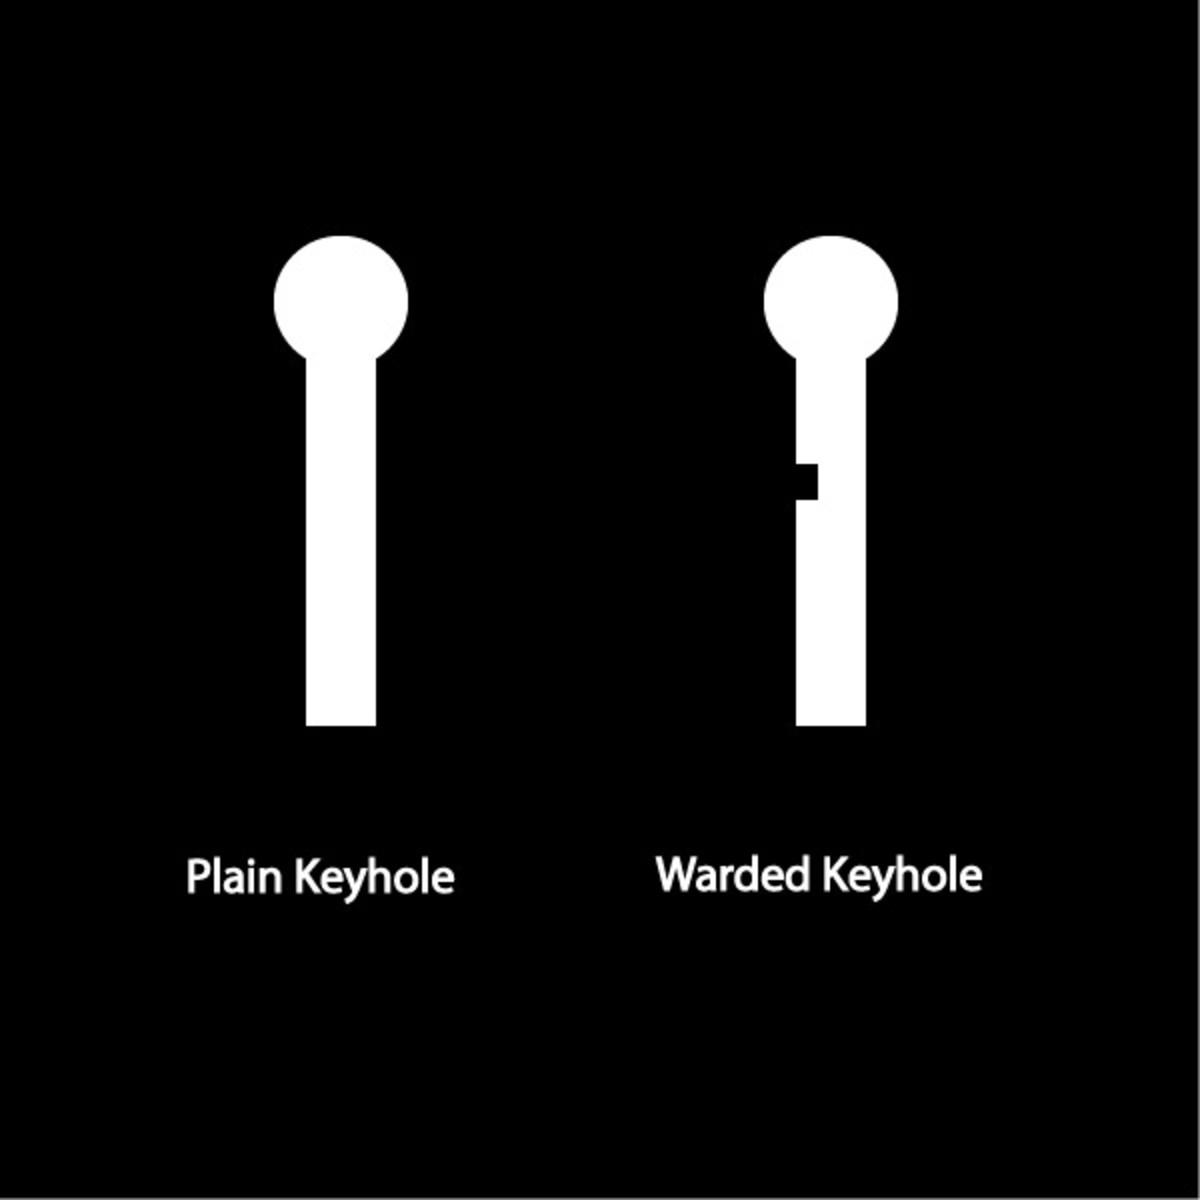 Plain Keyhole vs. Warded Keyhole